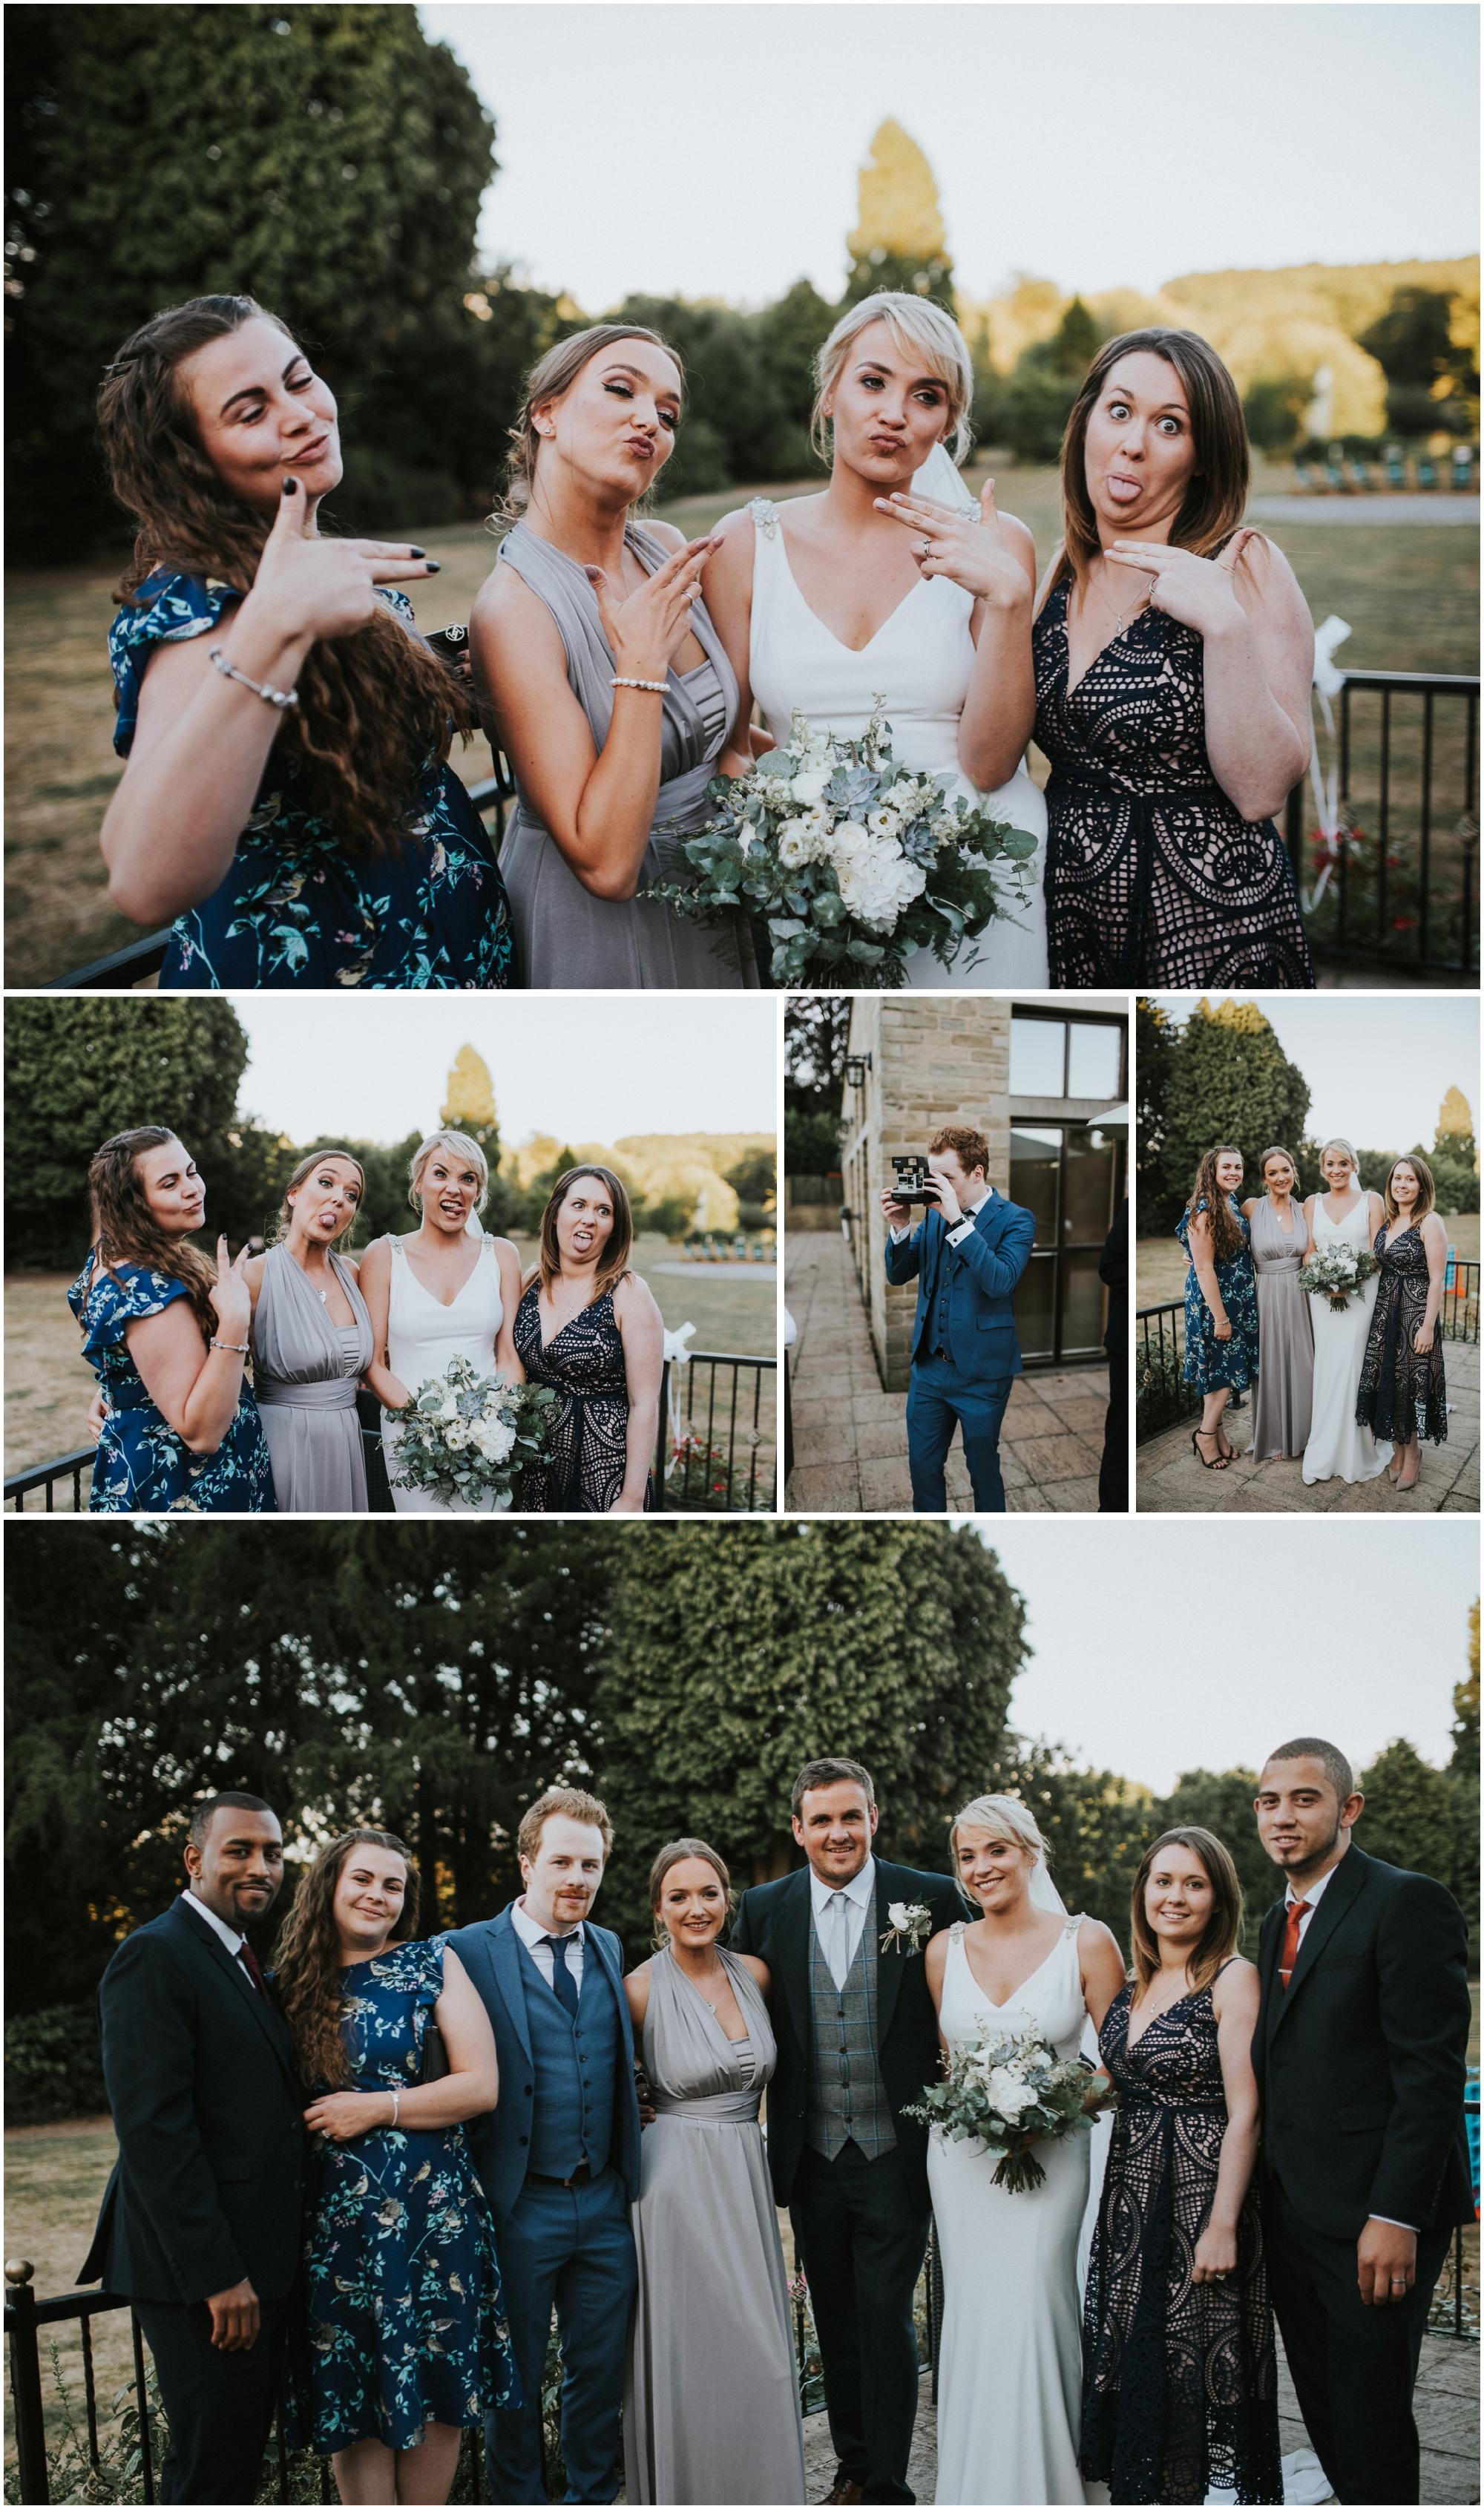 BagdenHallWedding-LukeHolroyd-Yorkshirewedding_0144.jpg